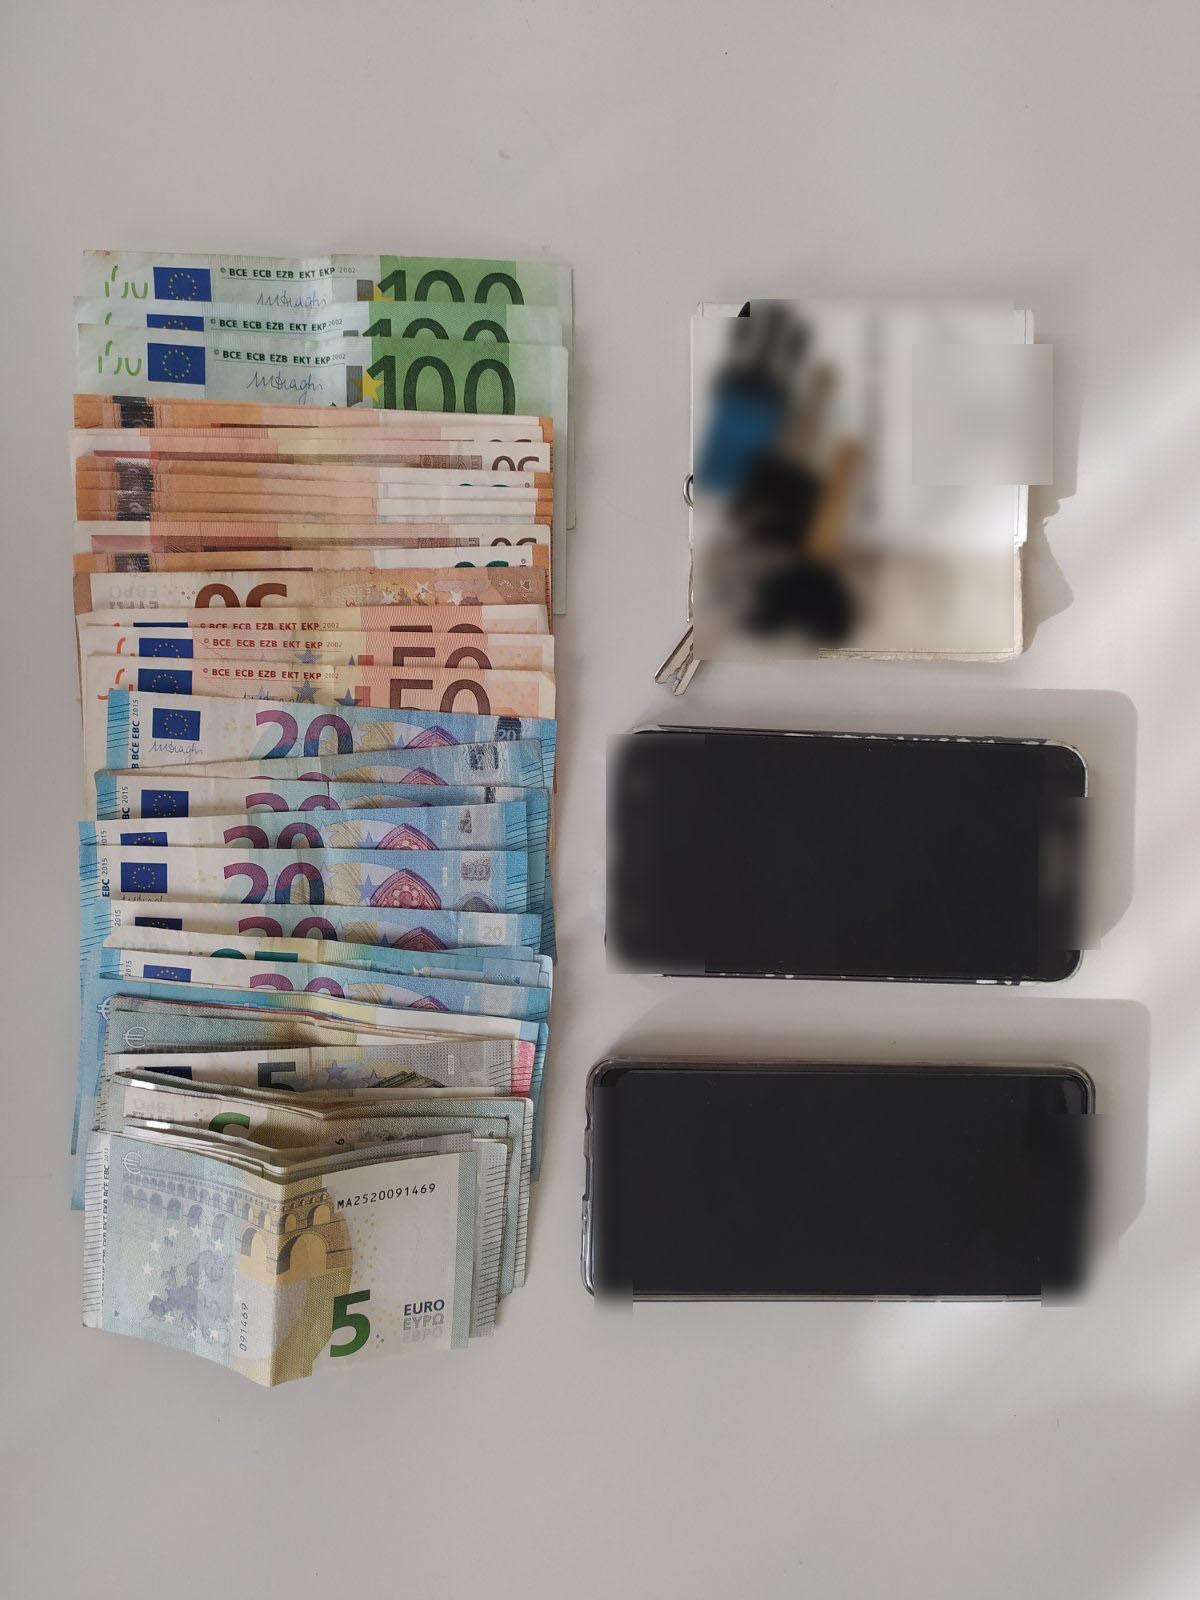 Σύλληψη 37χρονου αλλοδαπού στην Φλώρινα για παράνομη μεταφορά αλλοδαπού